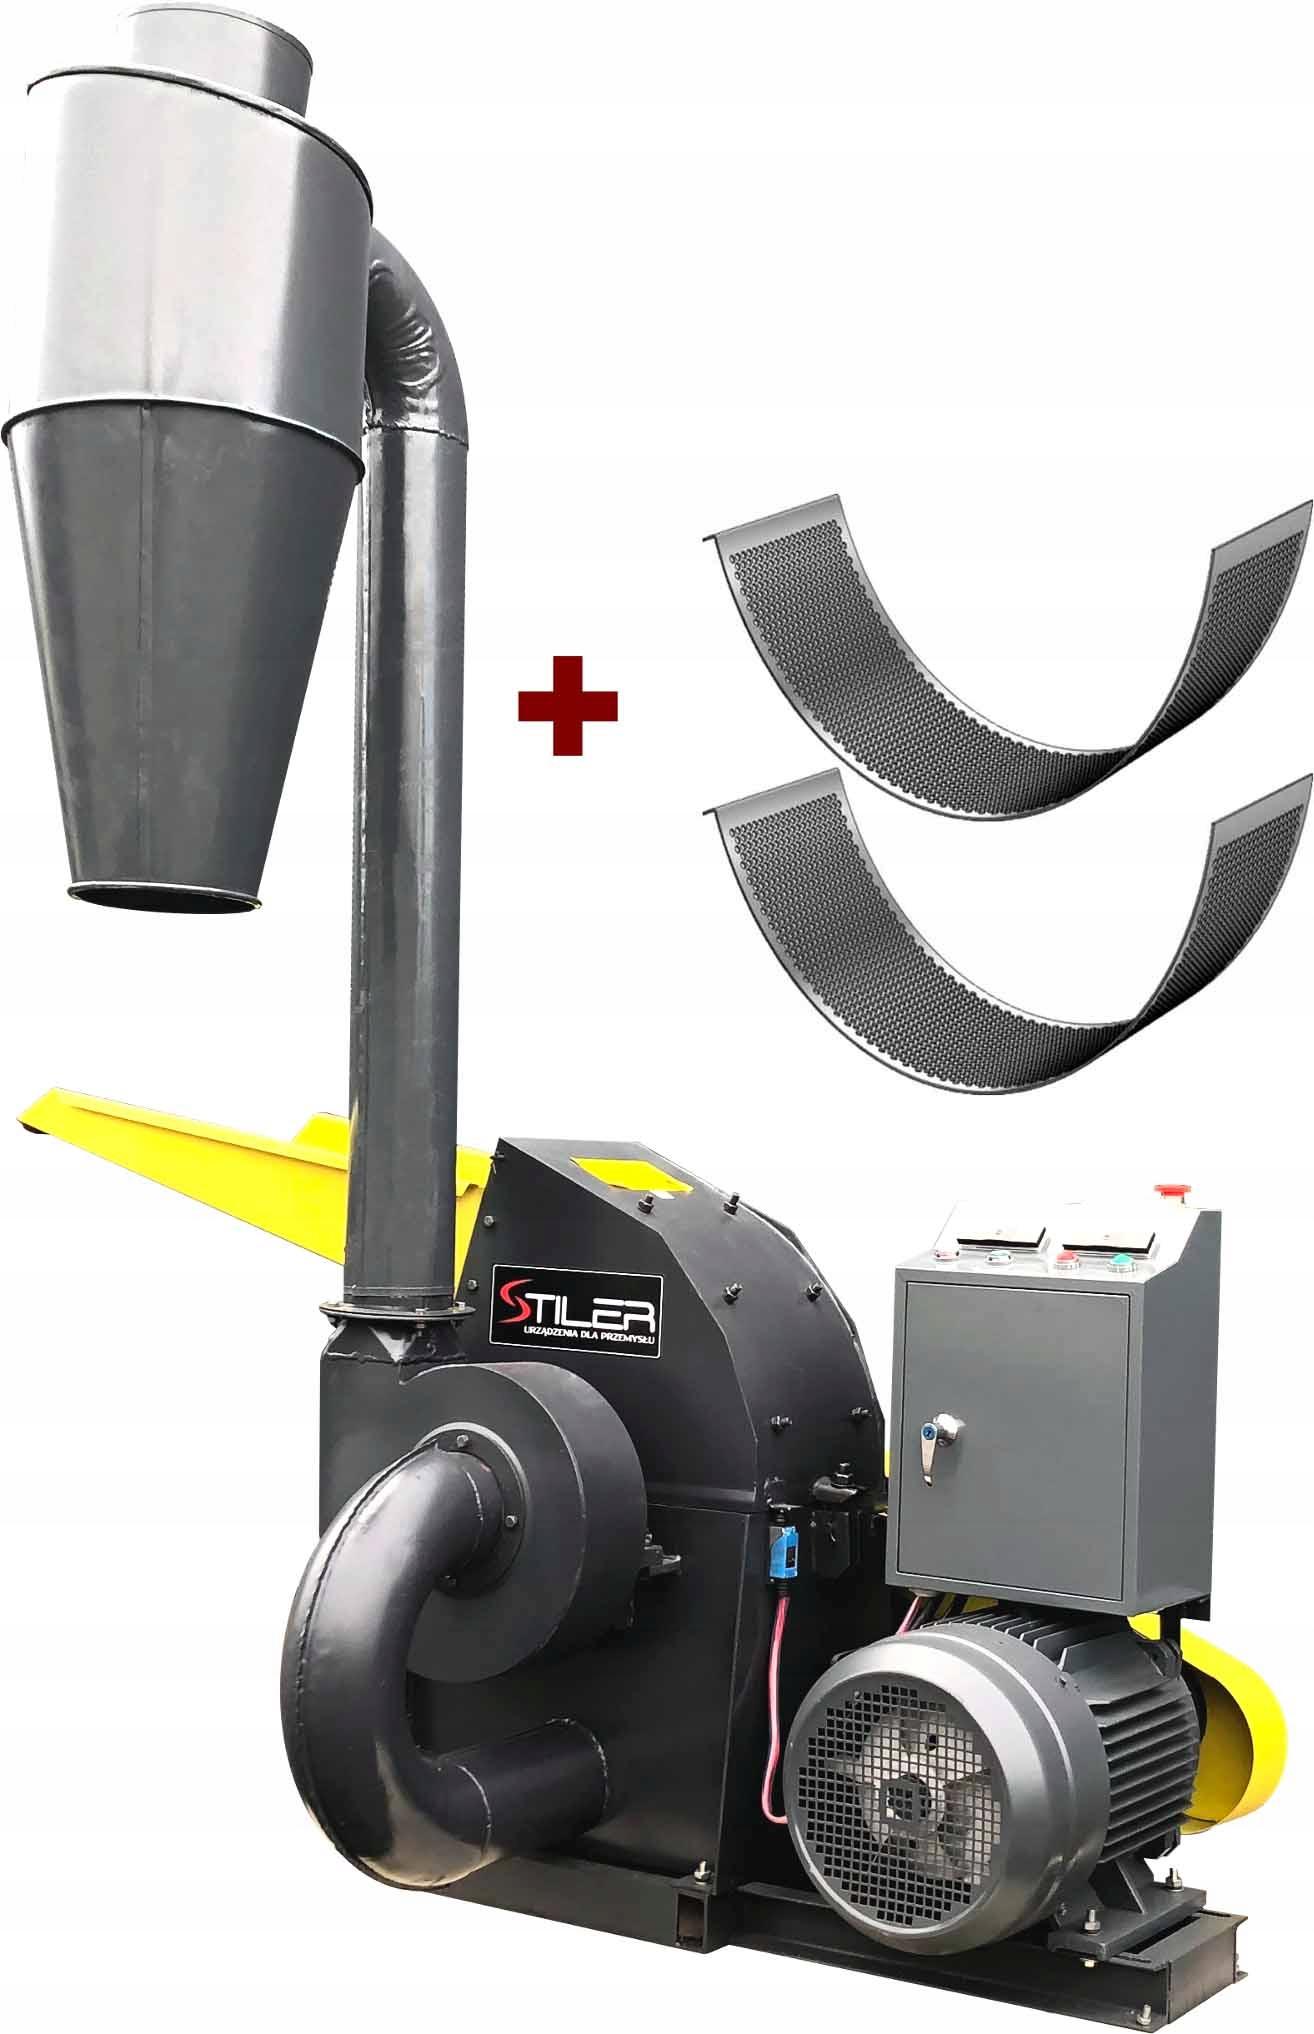 Shredder Kotol Mill 11KW + CYCLONE STILER PL